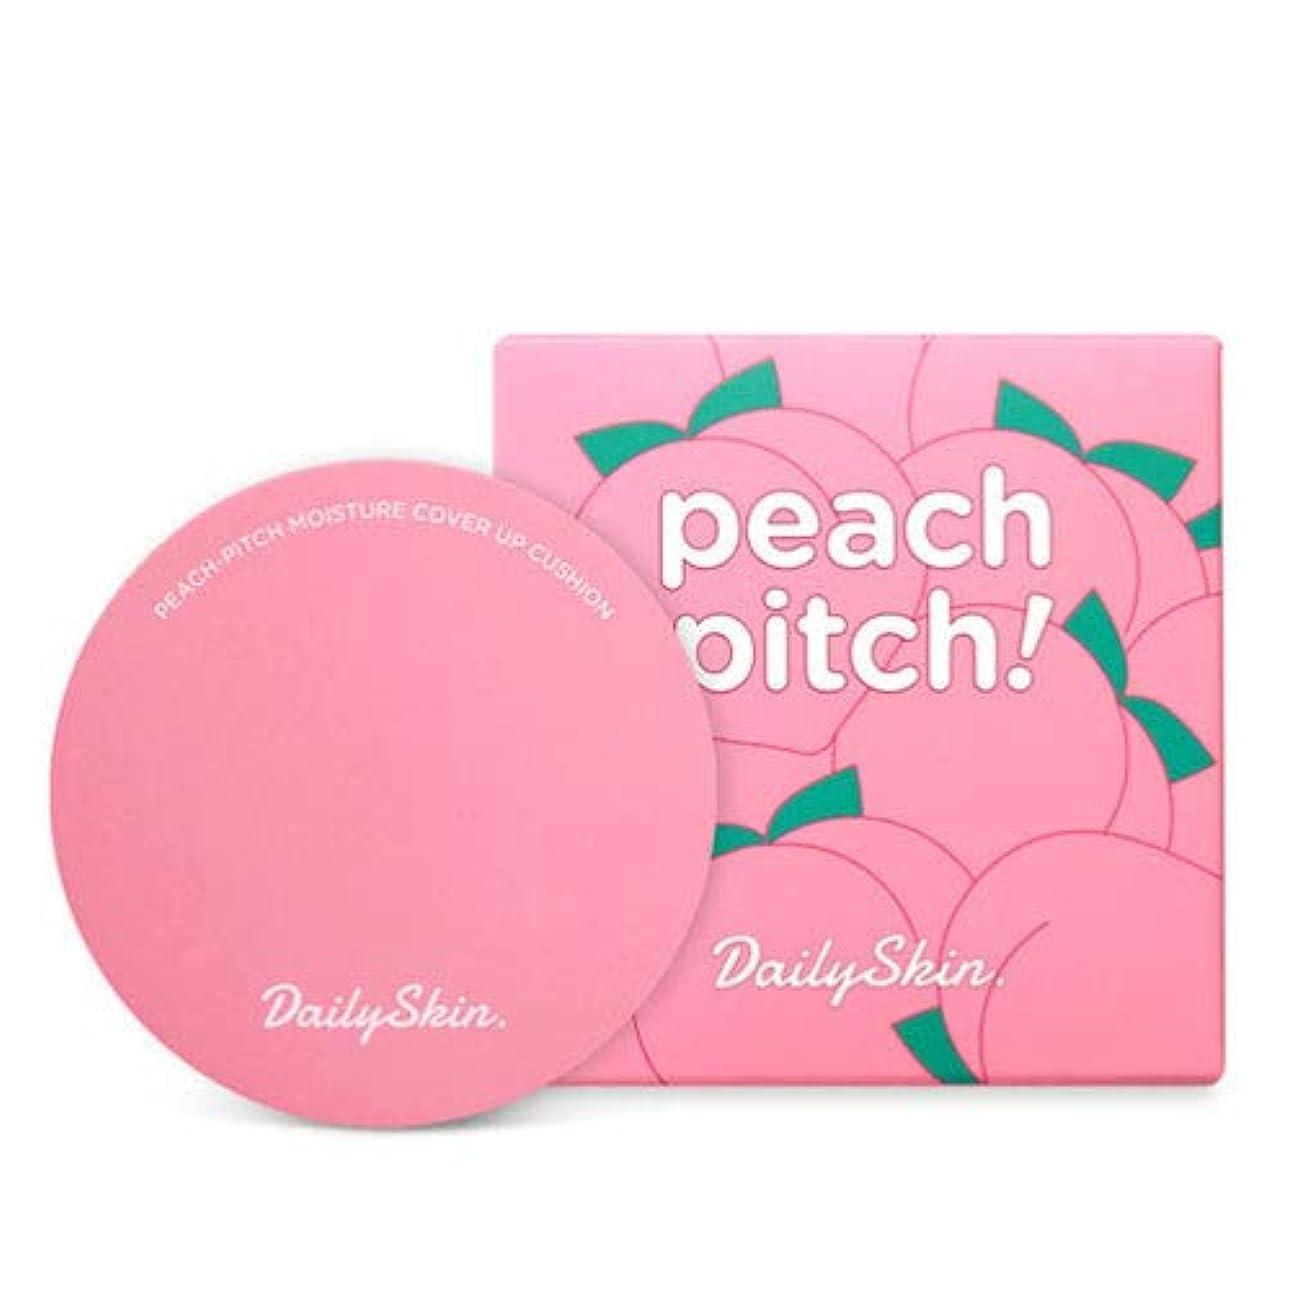 原始的な中央値出力[RENEWAL] デイリースキン ピーチ モイスチャー カバー アップ クッション Daily Skin Peach-Pitch Moisture Cover Up Cushion (No.23 Peach Natural...